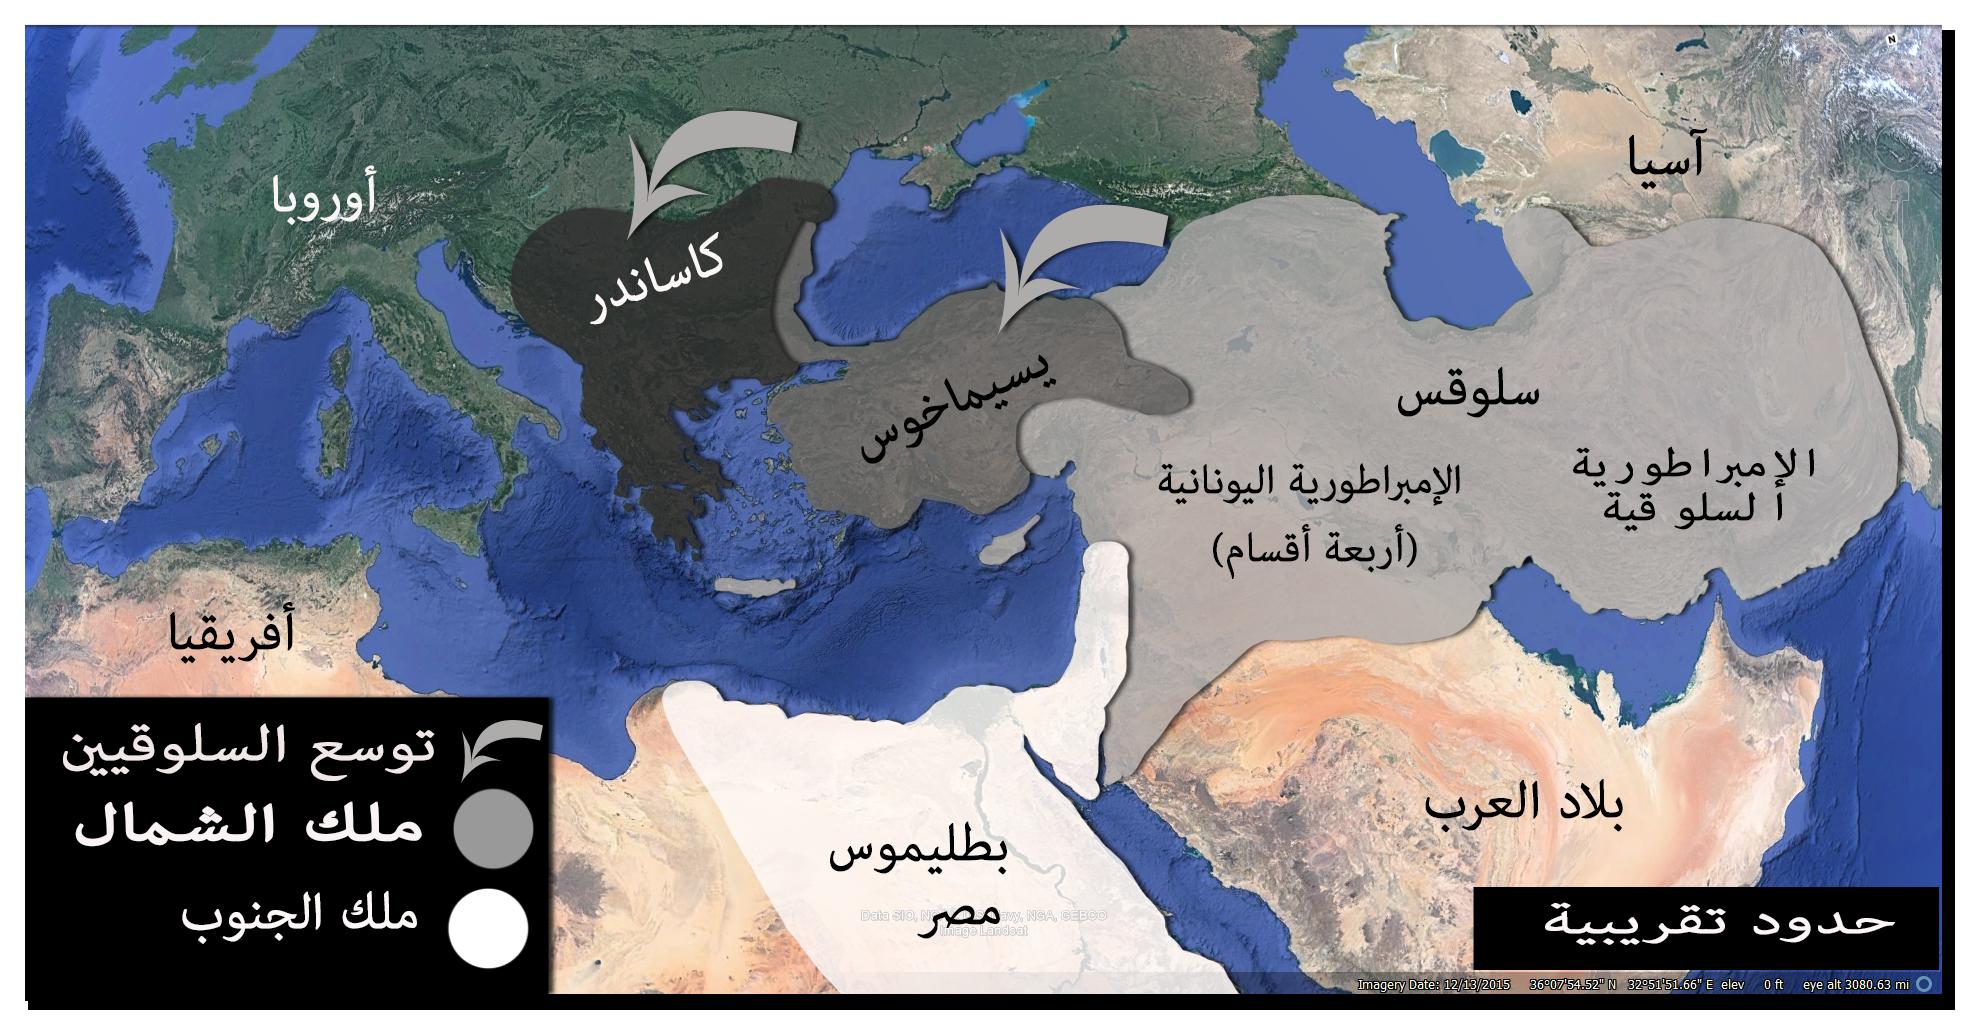 امبراطورية الاسكندر العظيم المقسمة